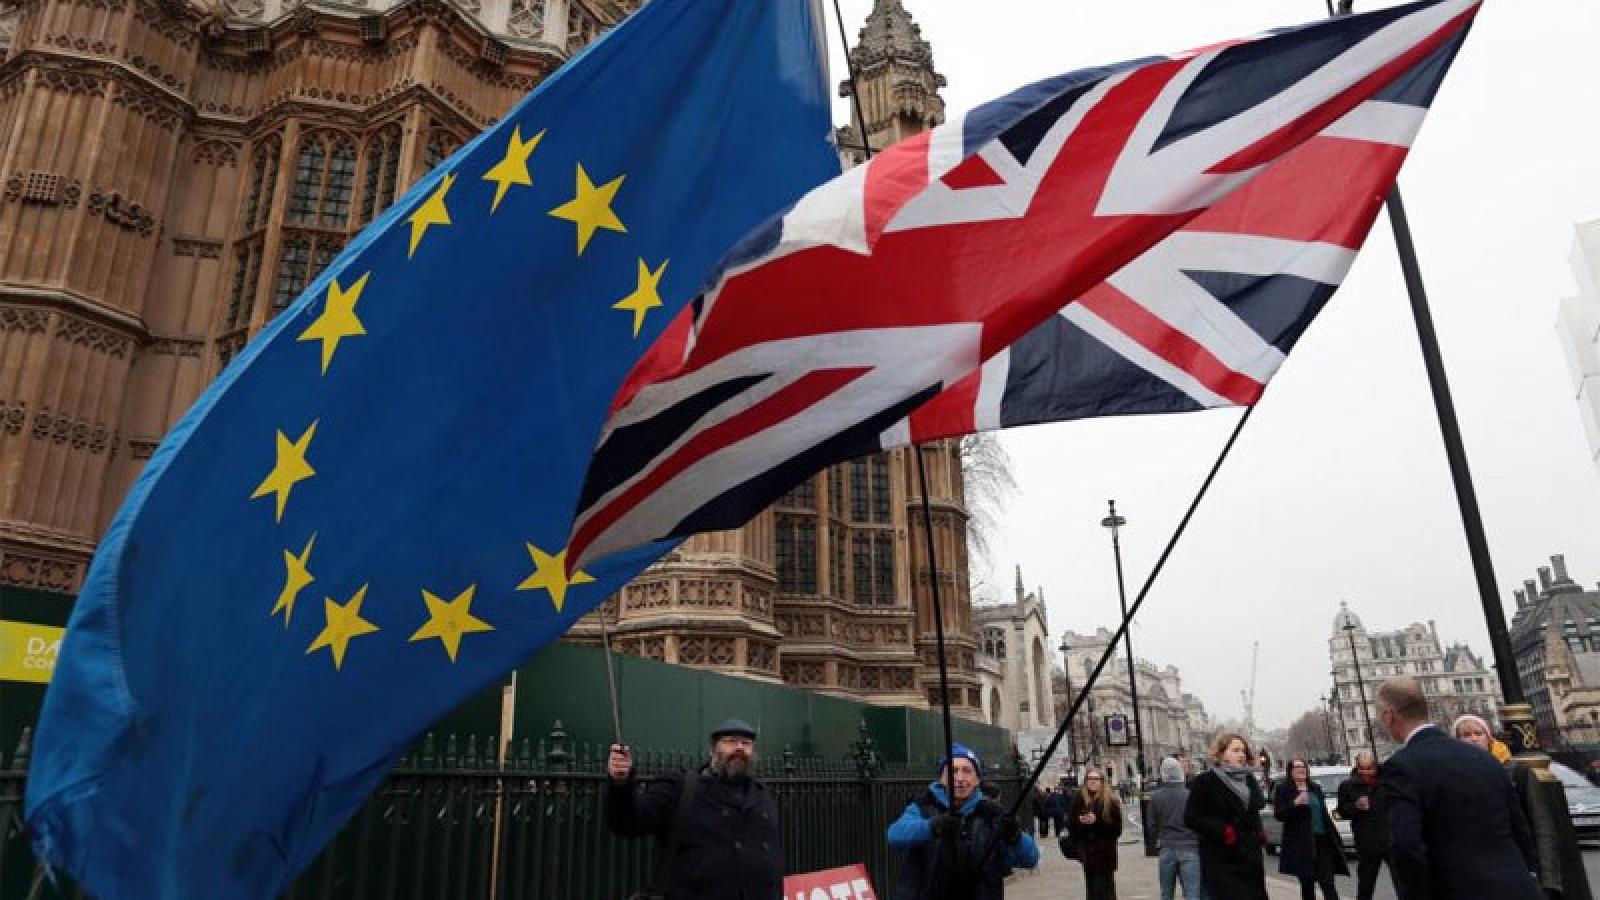 Anh ngưng đàm phán với EU, kêu gọi chuẩn bị kịch bản không thỏa thuận